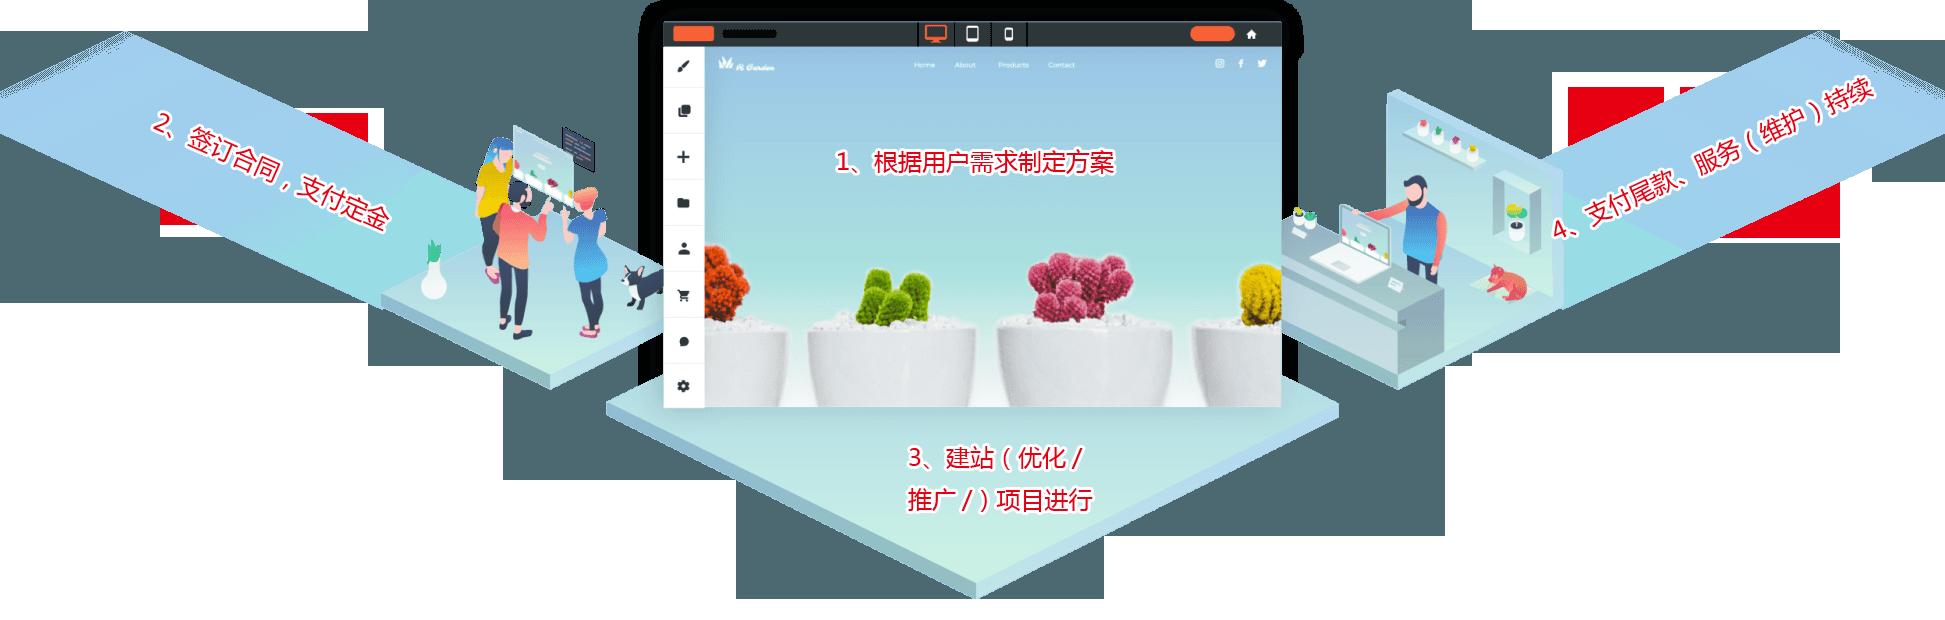 湘潭网络服务流程